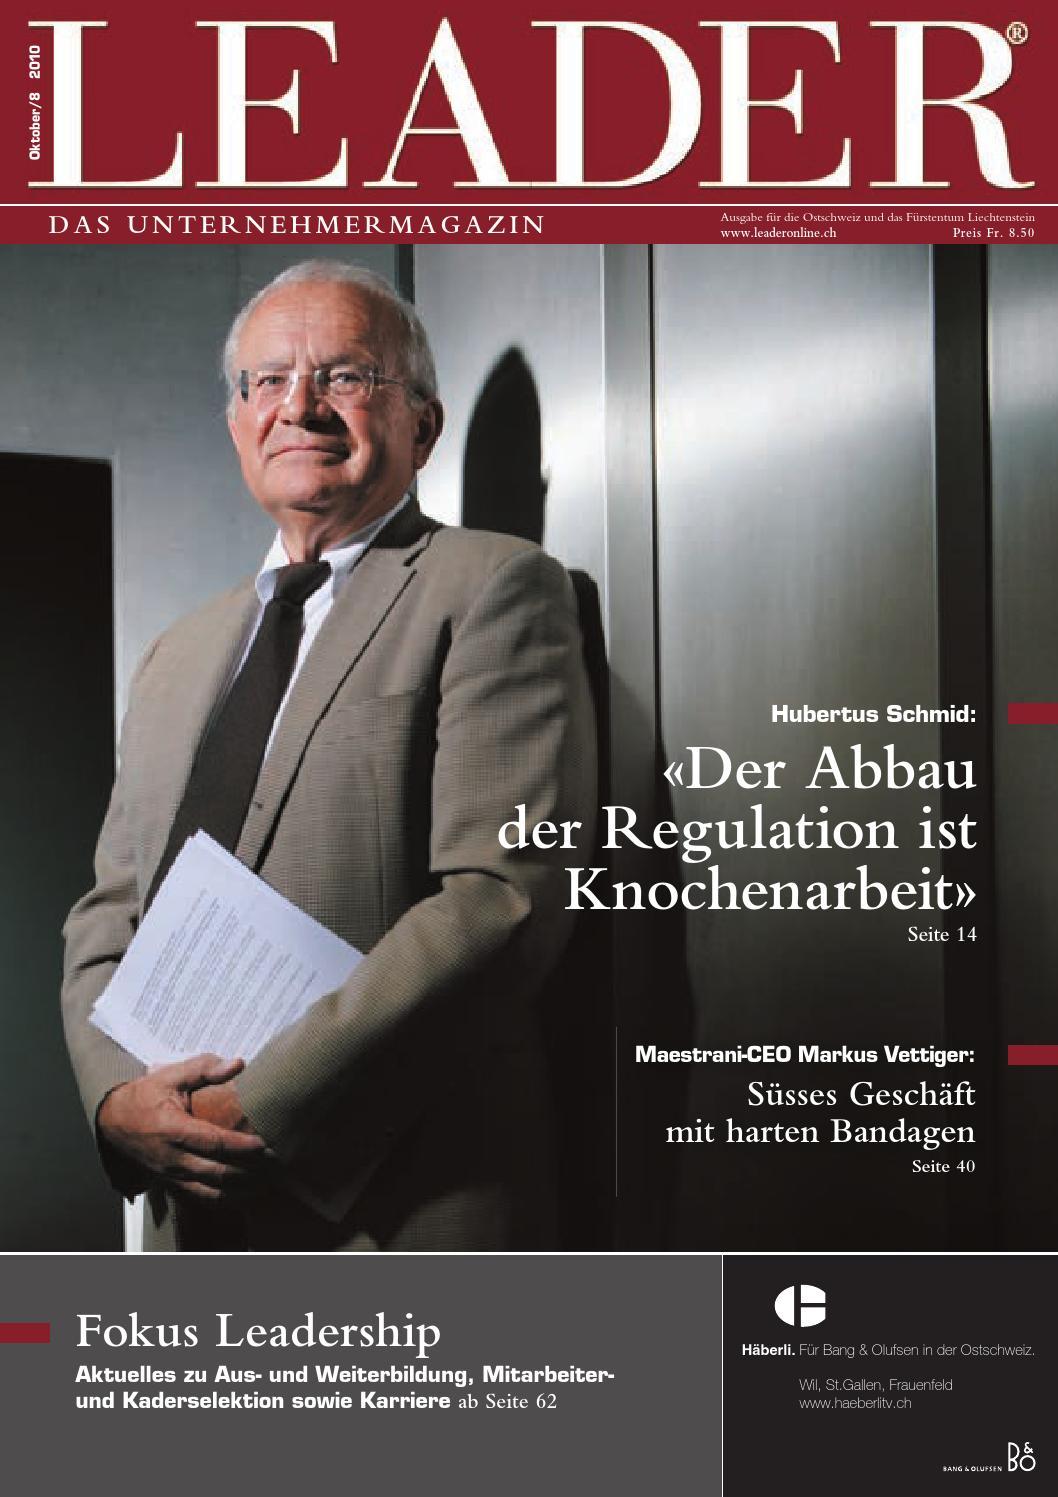 LEADER Oktober 2010 by LEADER - das Unternehmermagazin - issuu